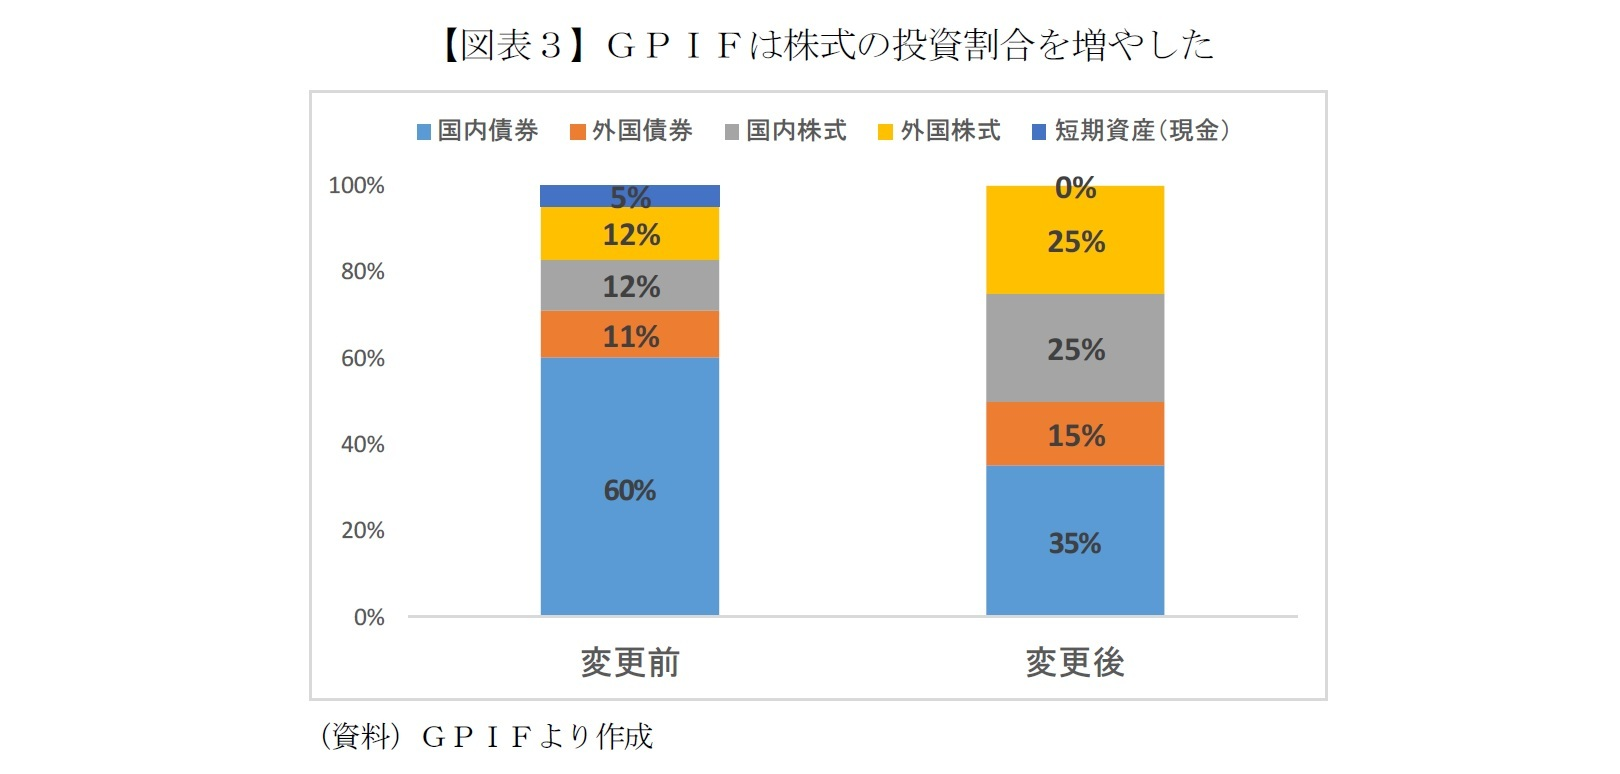 【図表3】GPIFは株式の投資割合を増やした